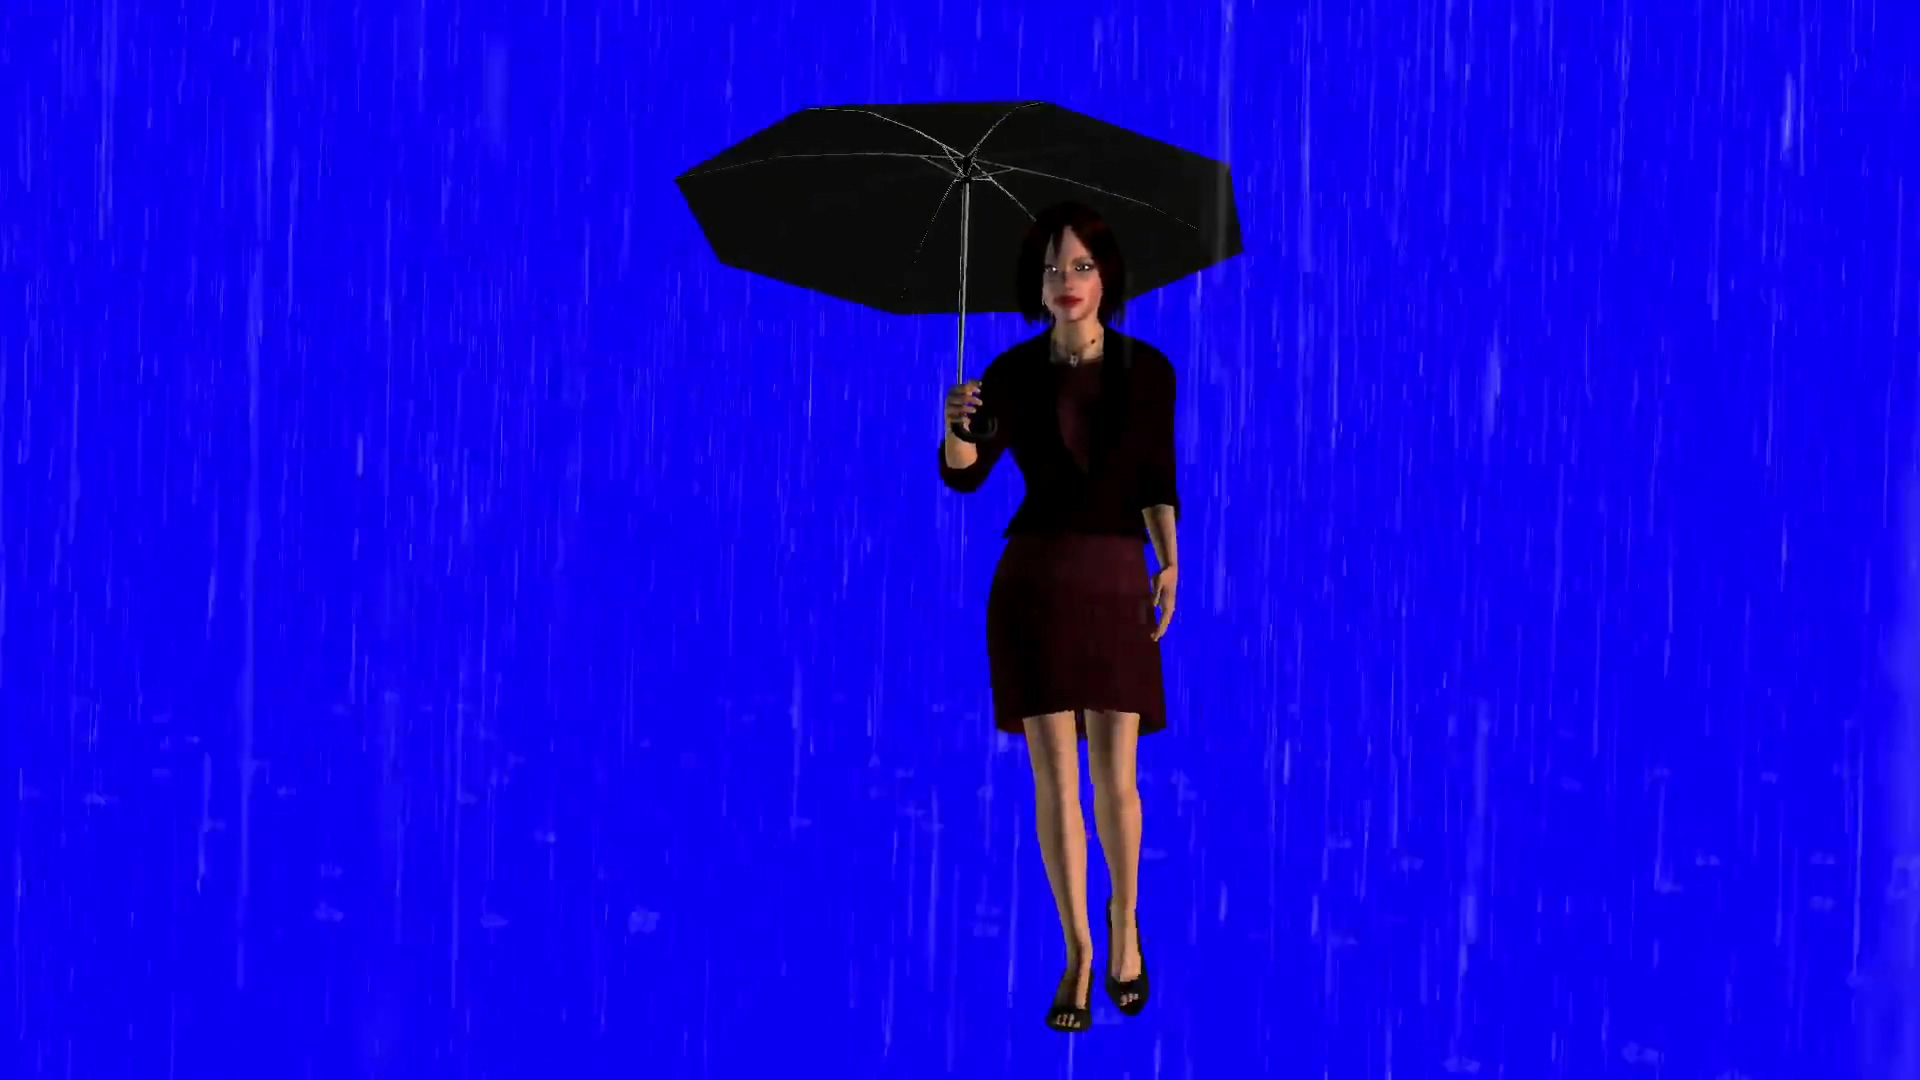 绿屏抠像雨中打伞的女子